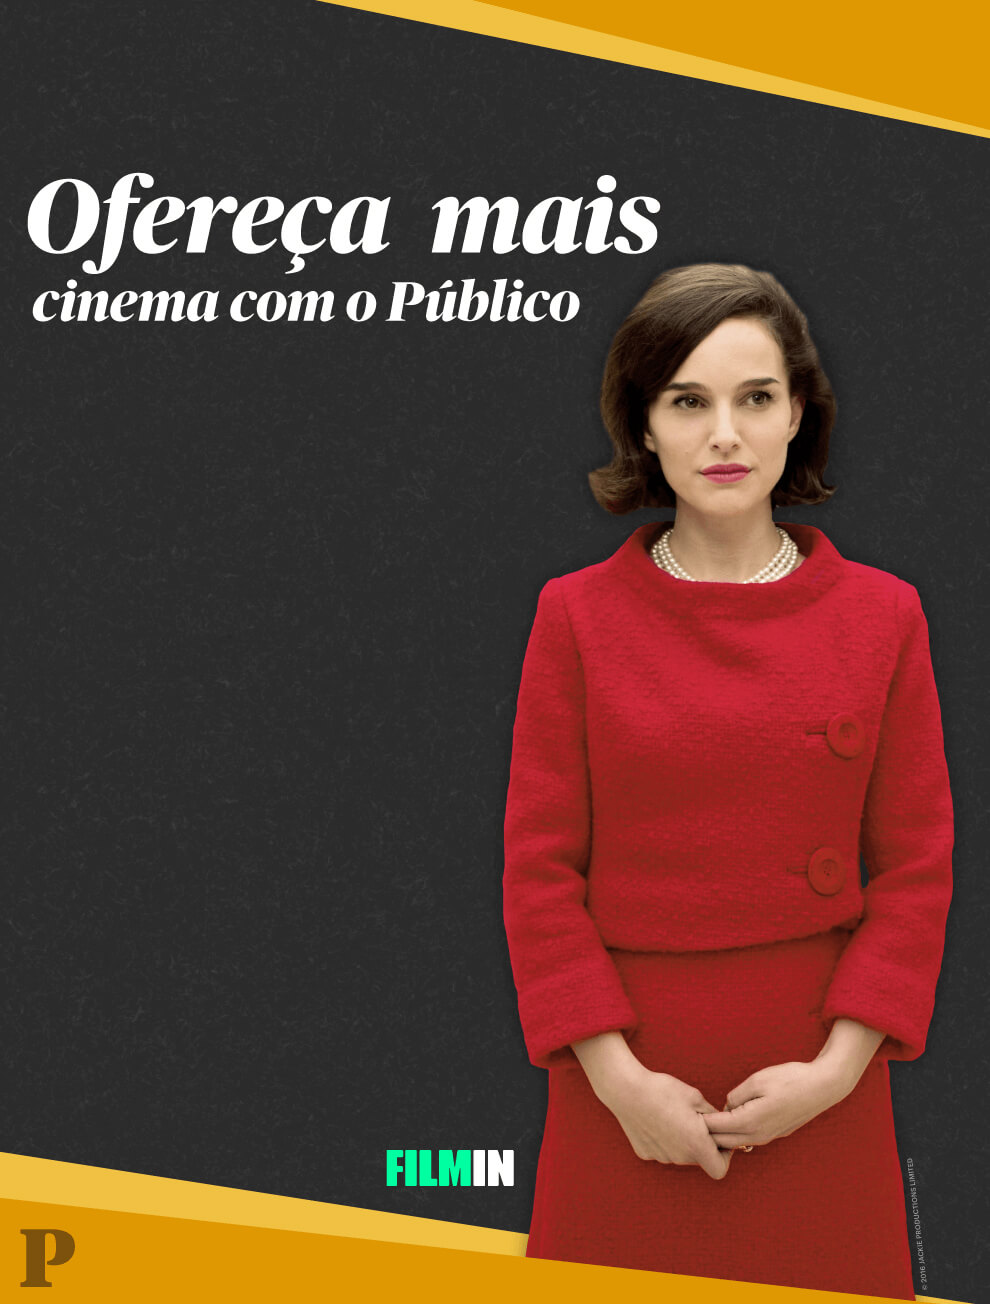 Veja mais cinema com o Público